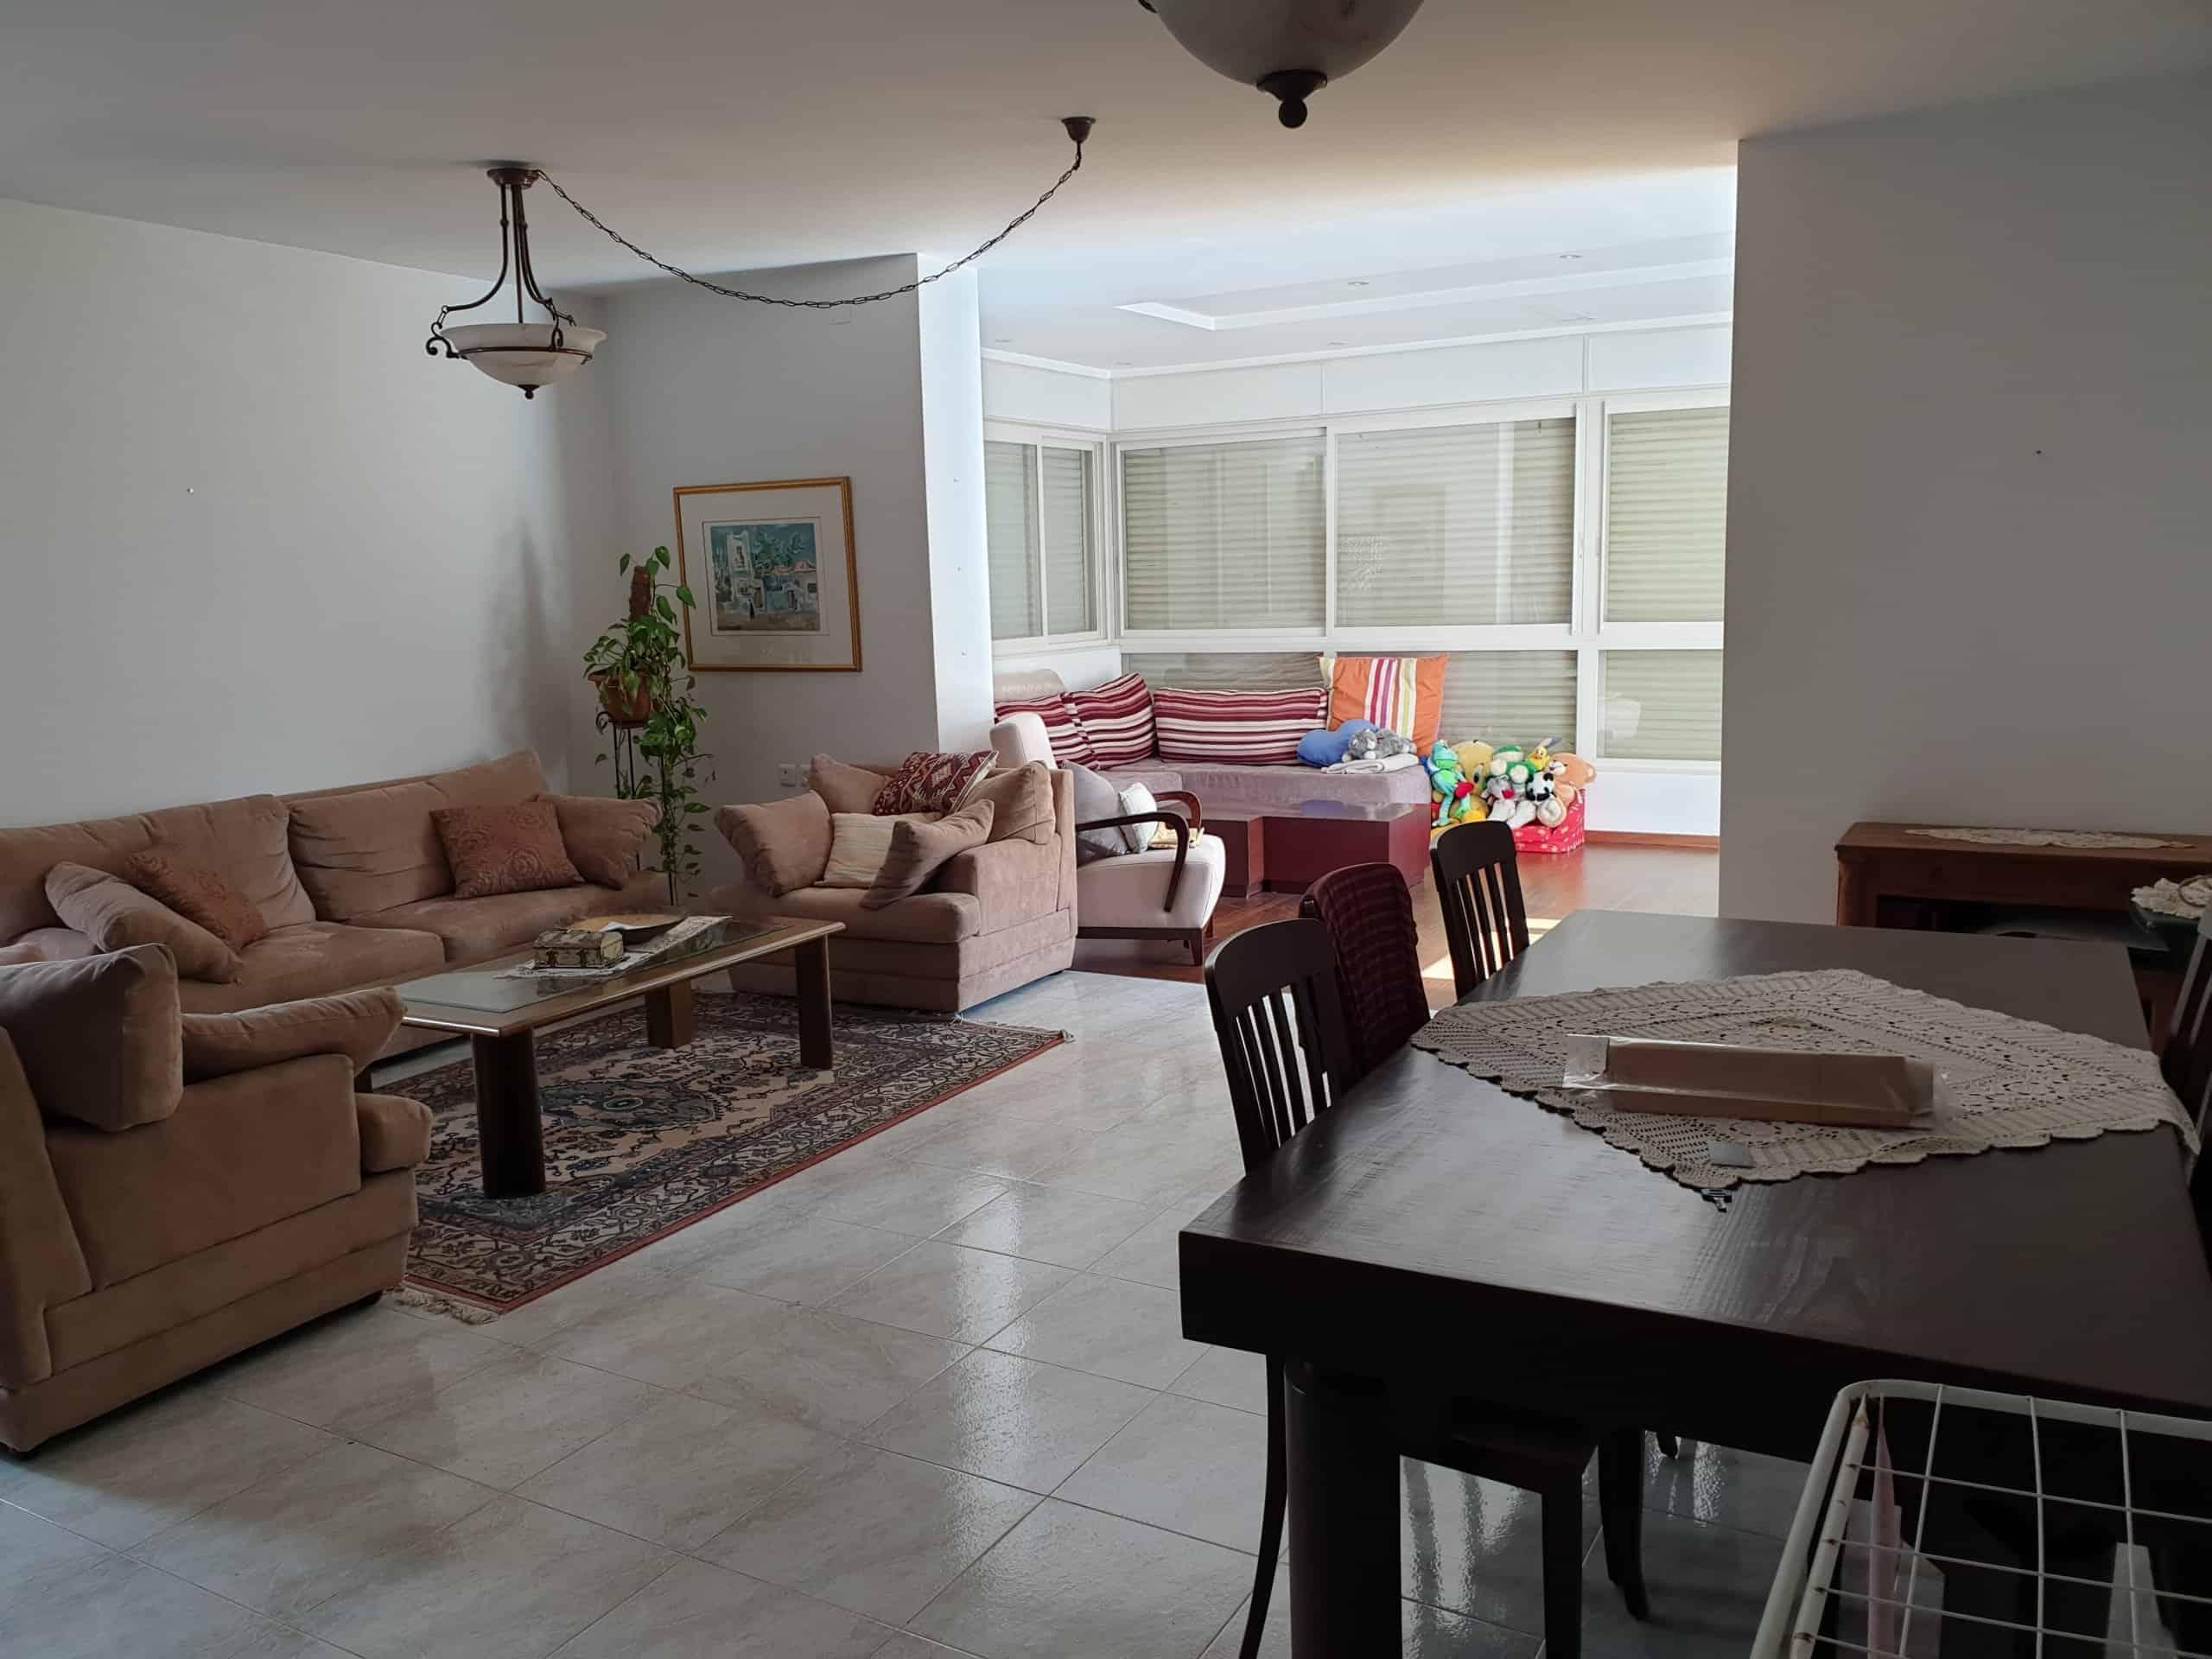 דירת 5 חדרים למכירה באייל מלחה